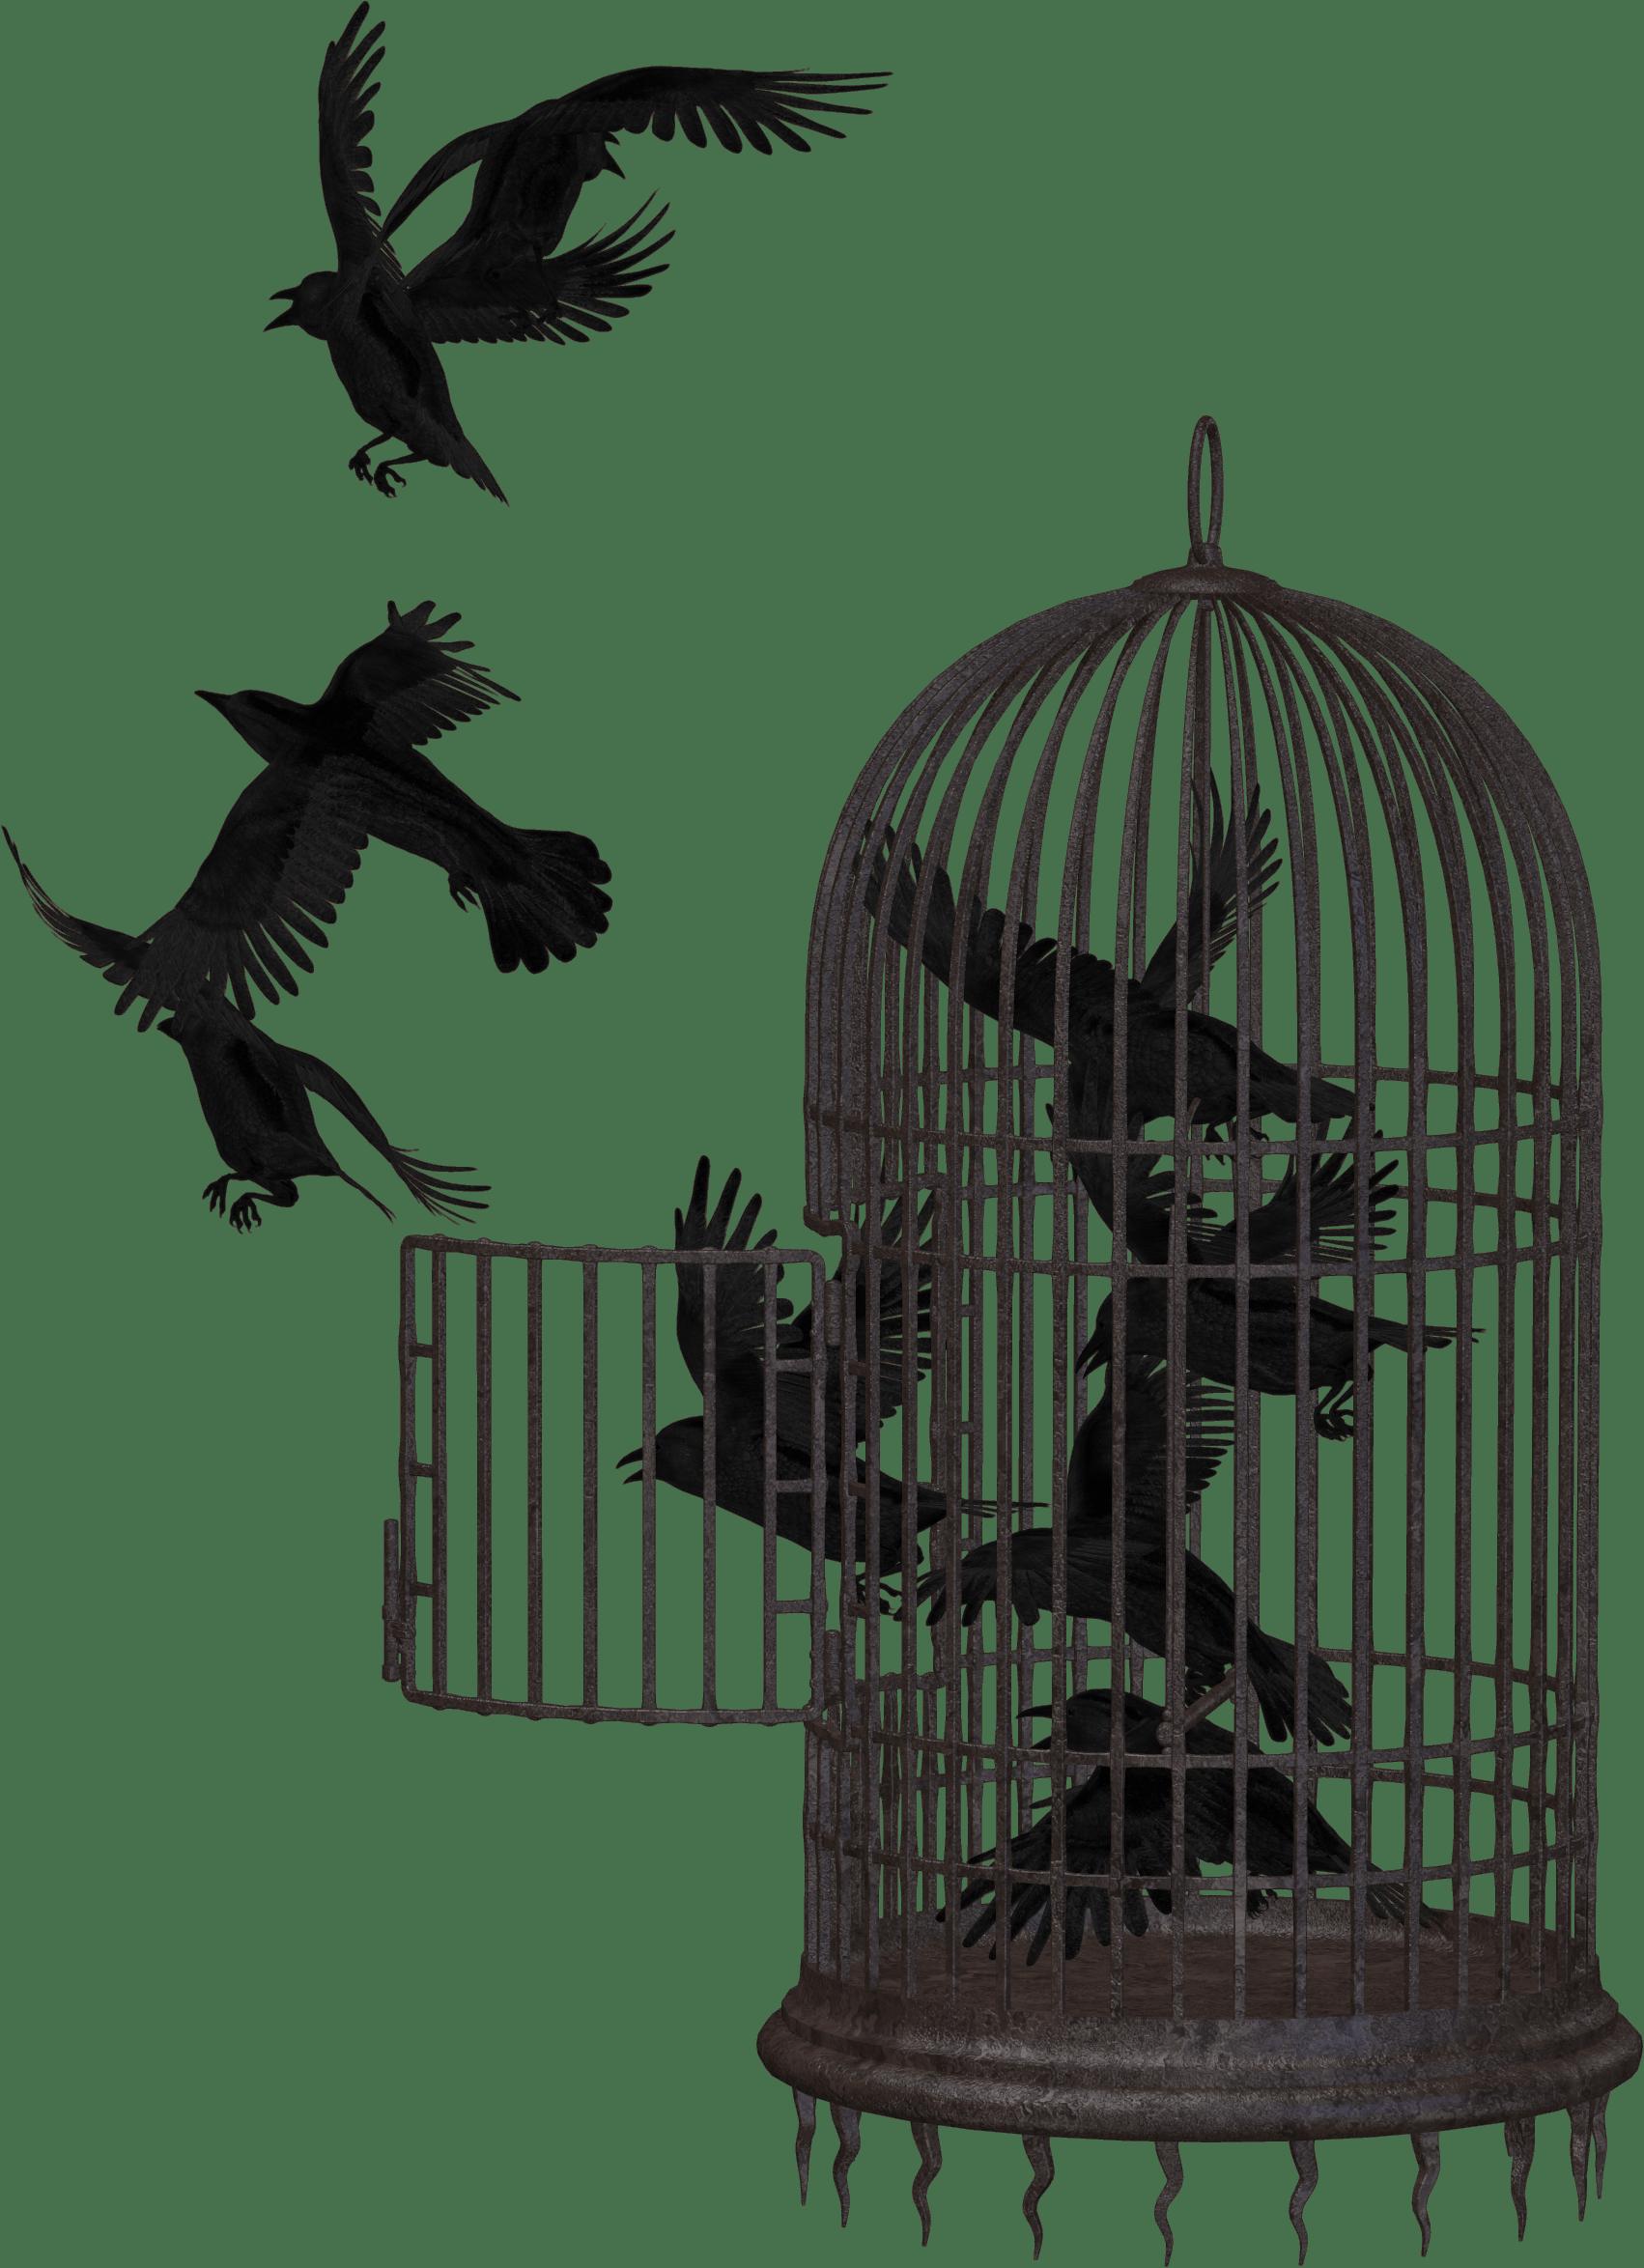 Vogelkäfig mit offener Tür und fliehenden Vögeln als Symbol für die (scheinbare) Falle, aus der es einen Ausweg gibt